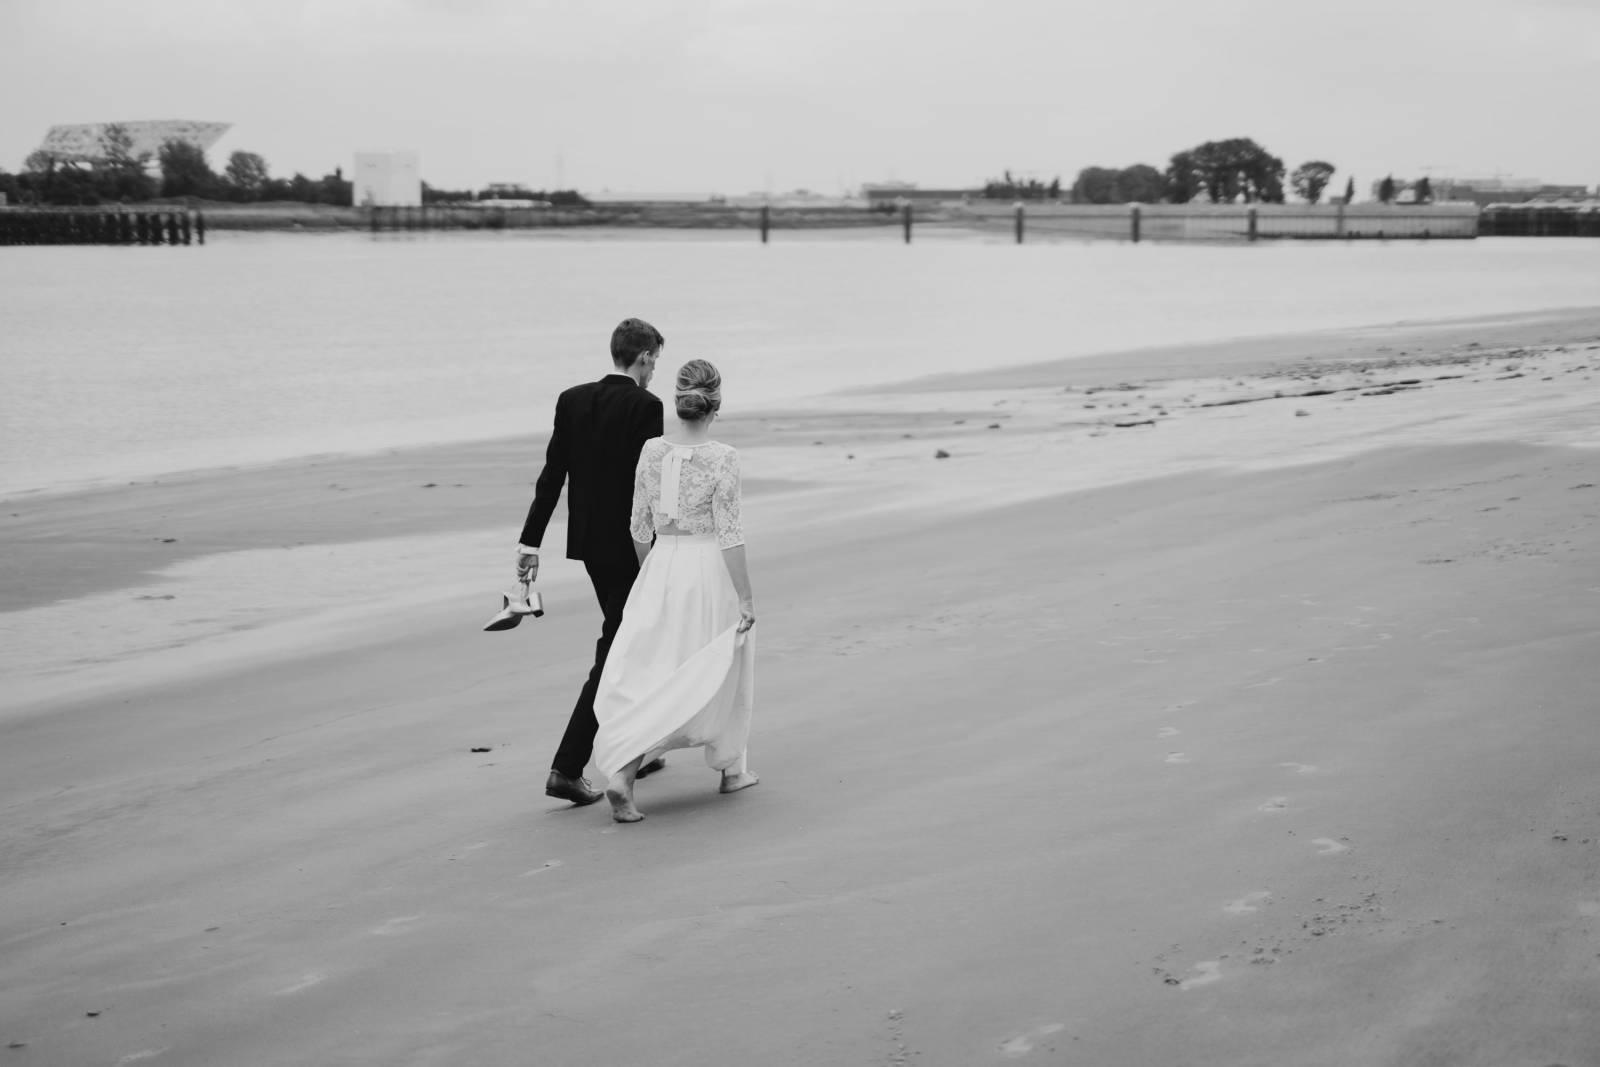 Frankie and Fish - Trouwfotograaf - Huwelijksfotograaf - Bruidsfotograaf - House of Weddings - 21